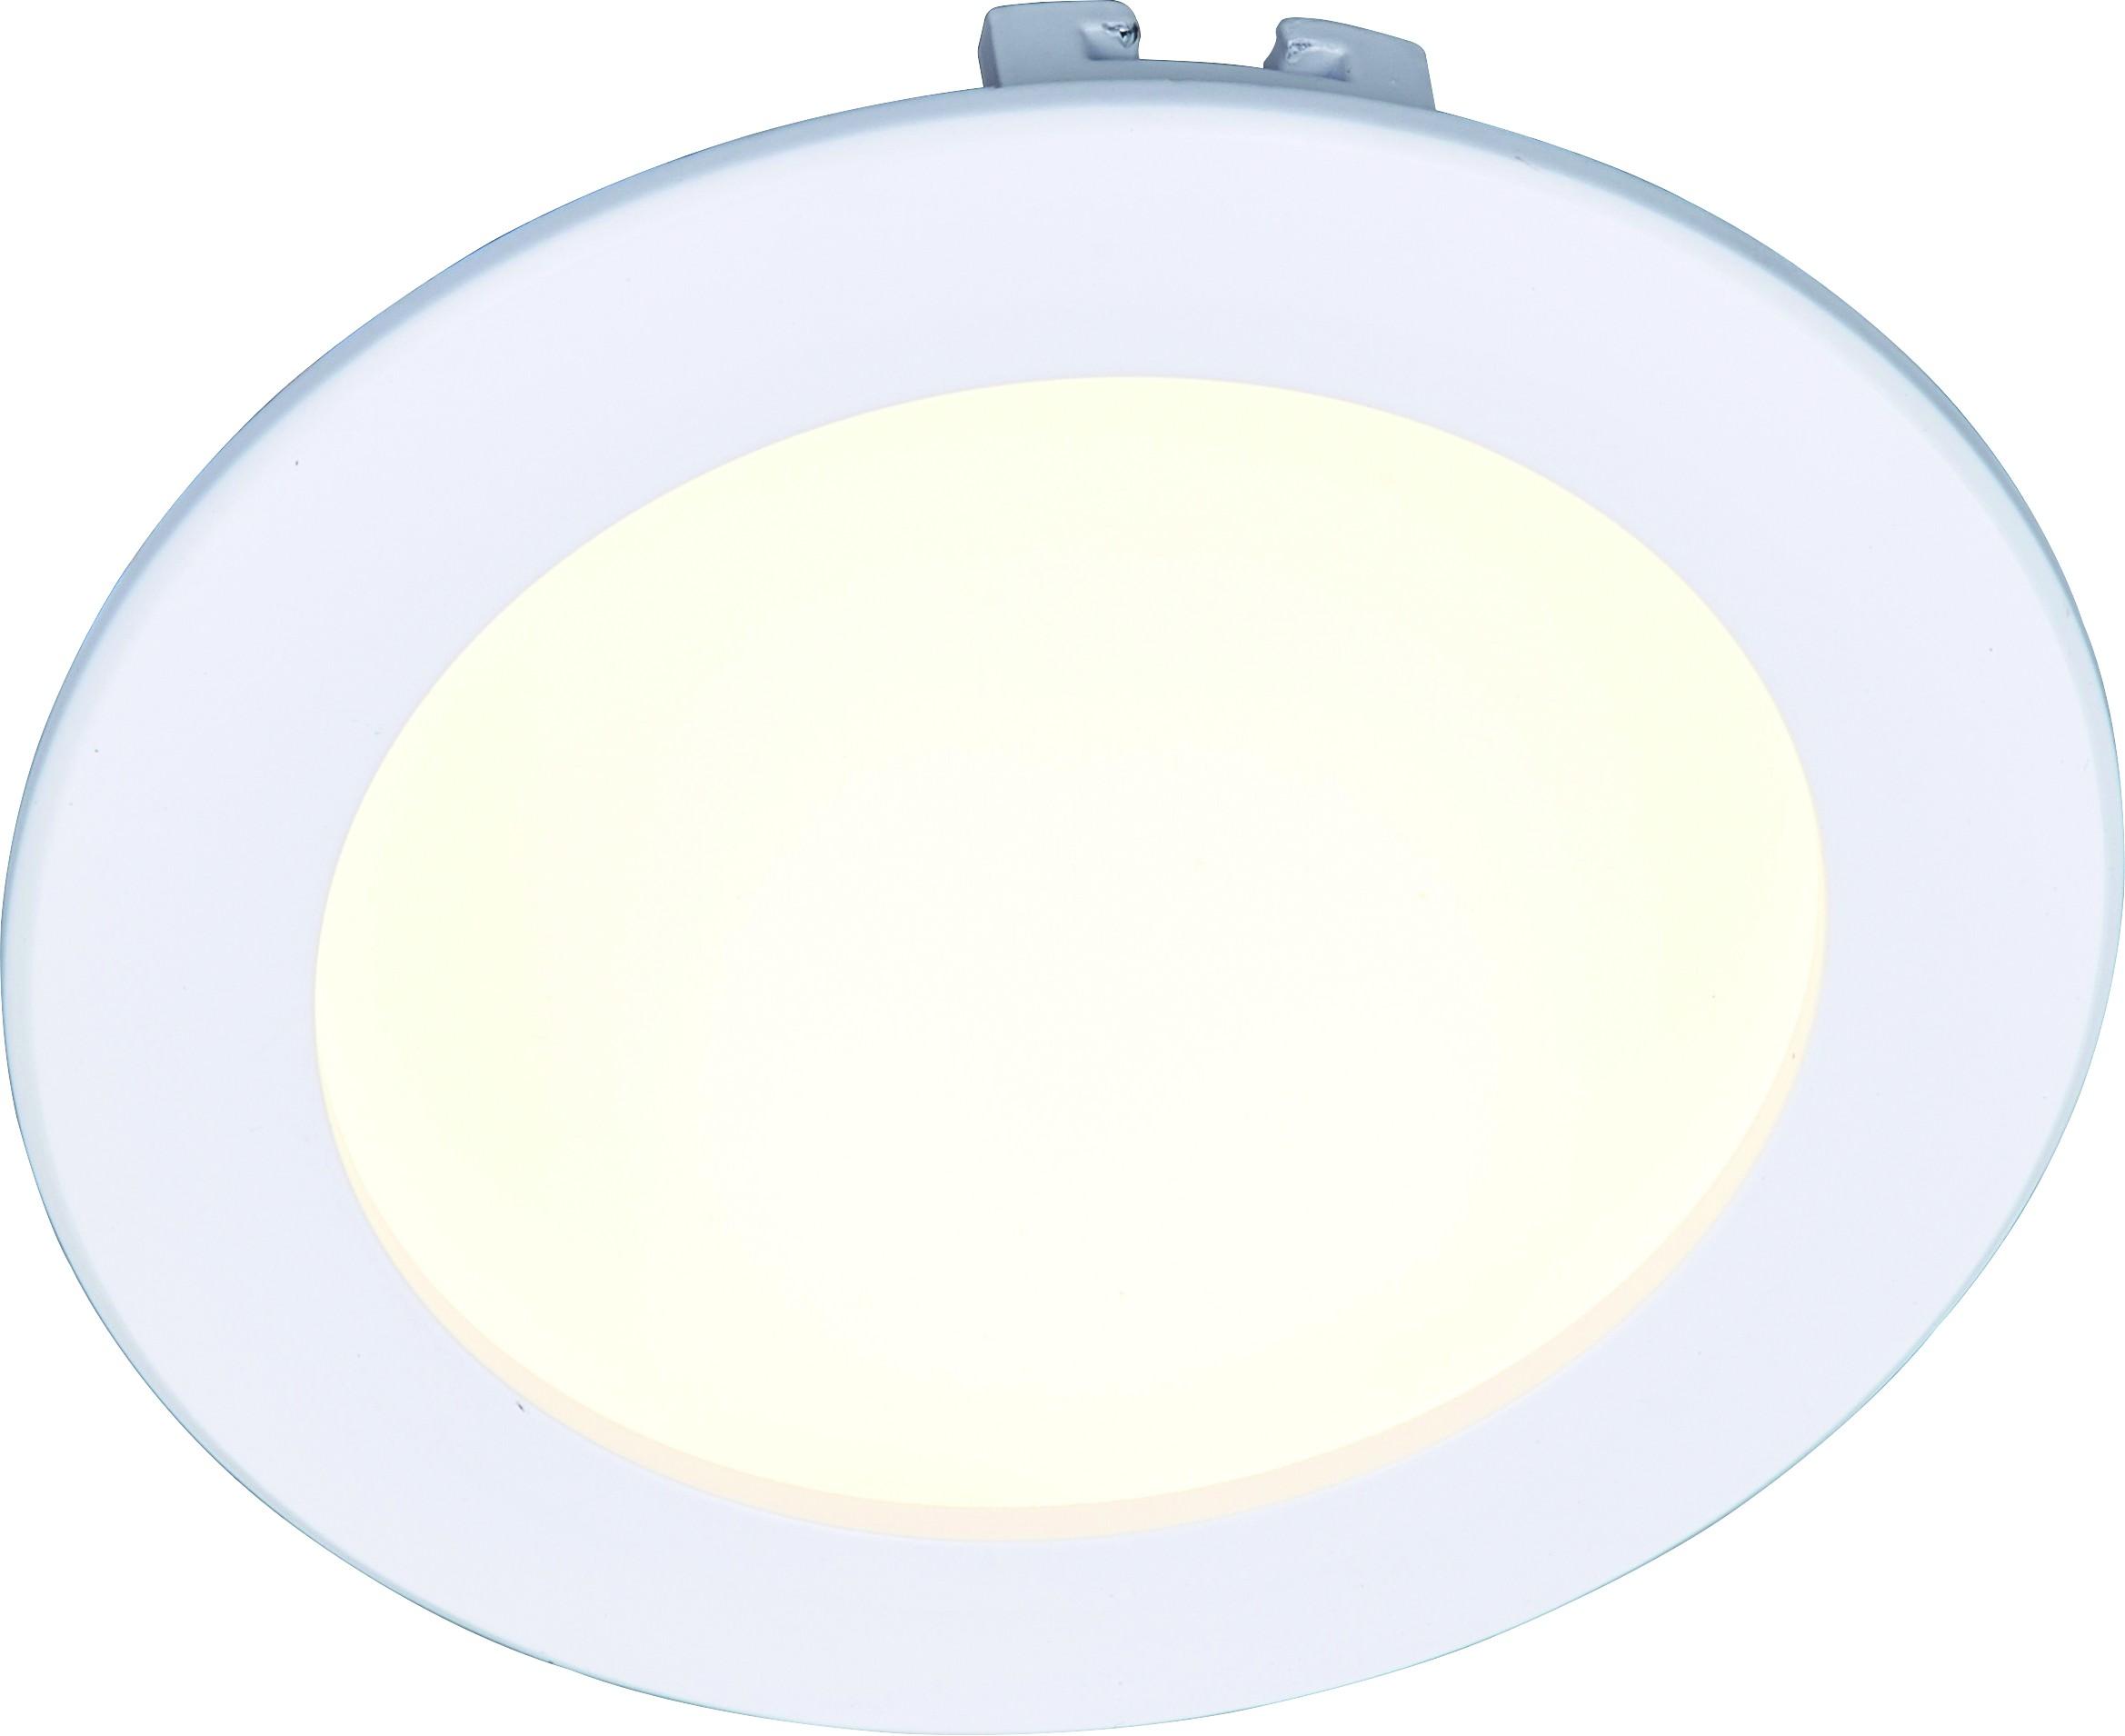 Светильник встраиваемый Arte lamp A7012pl-1wh arte lamp встраиваемый светодиодный светильник arte lamp cardani a1212pl 1wh